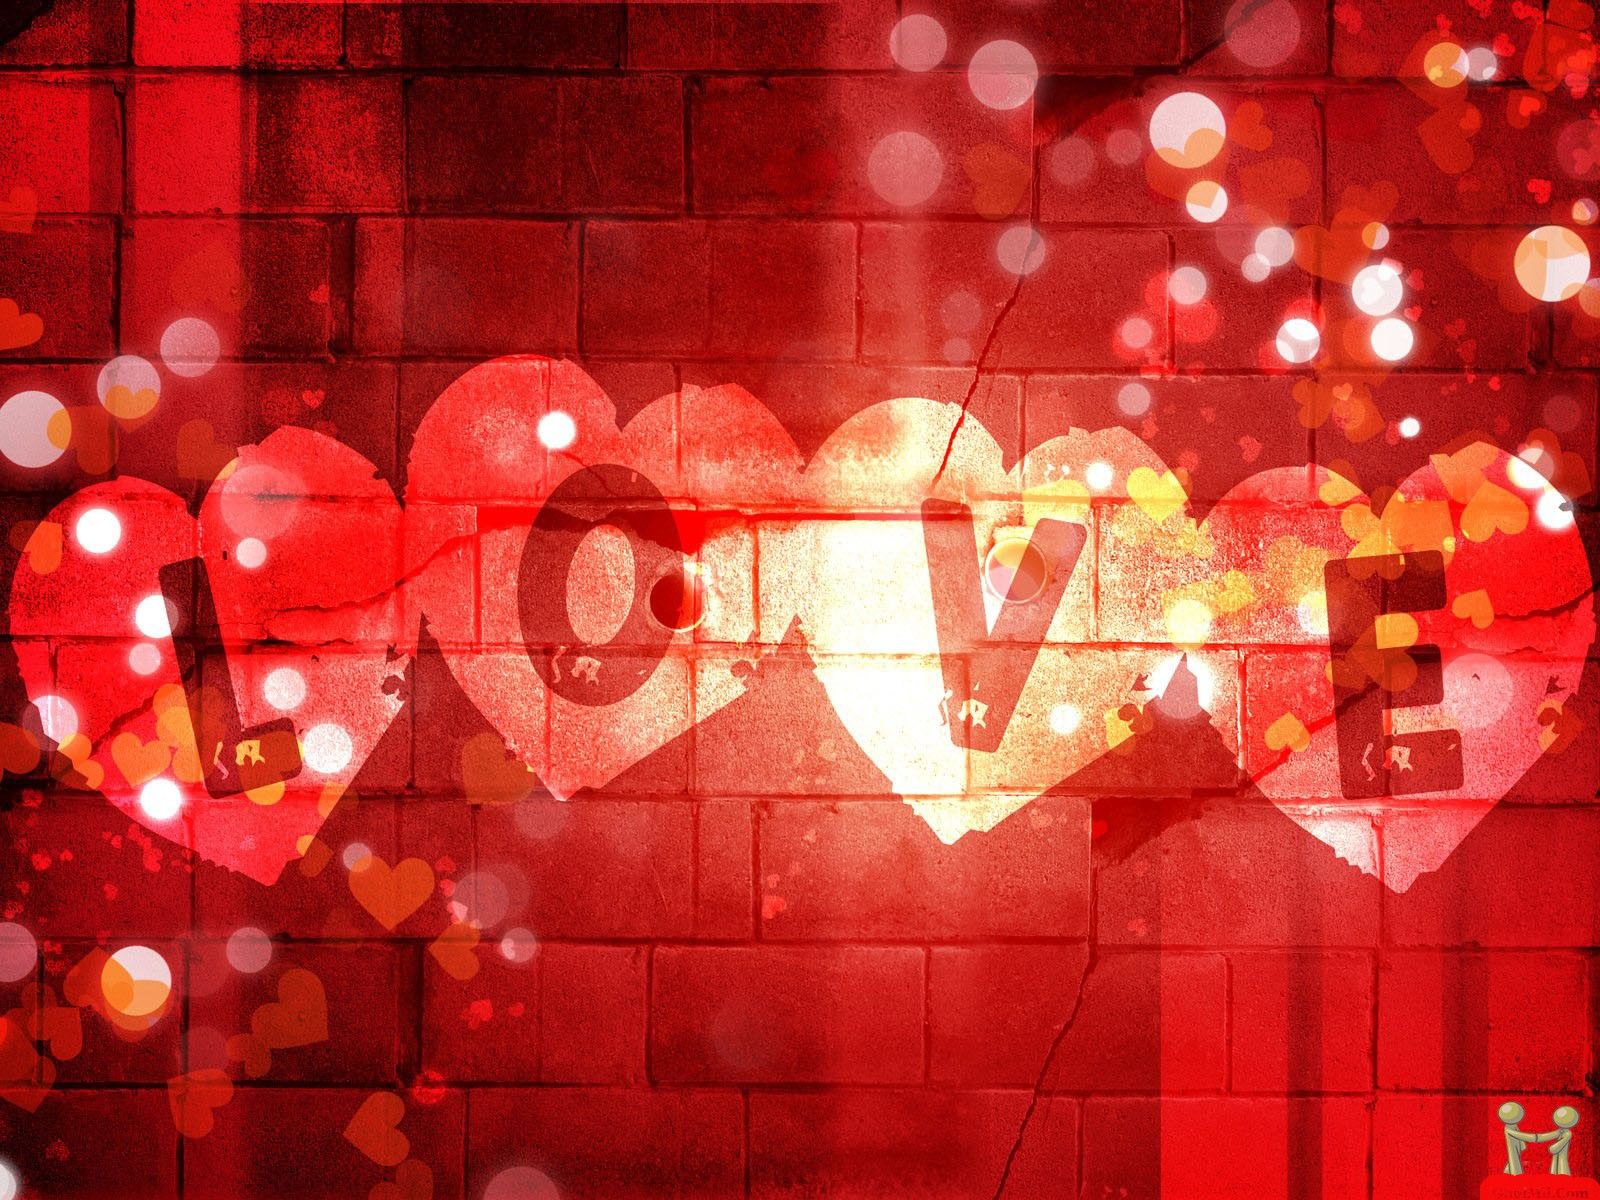 3d wallpaper love - photo #22